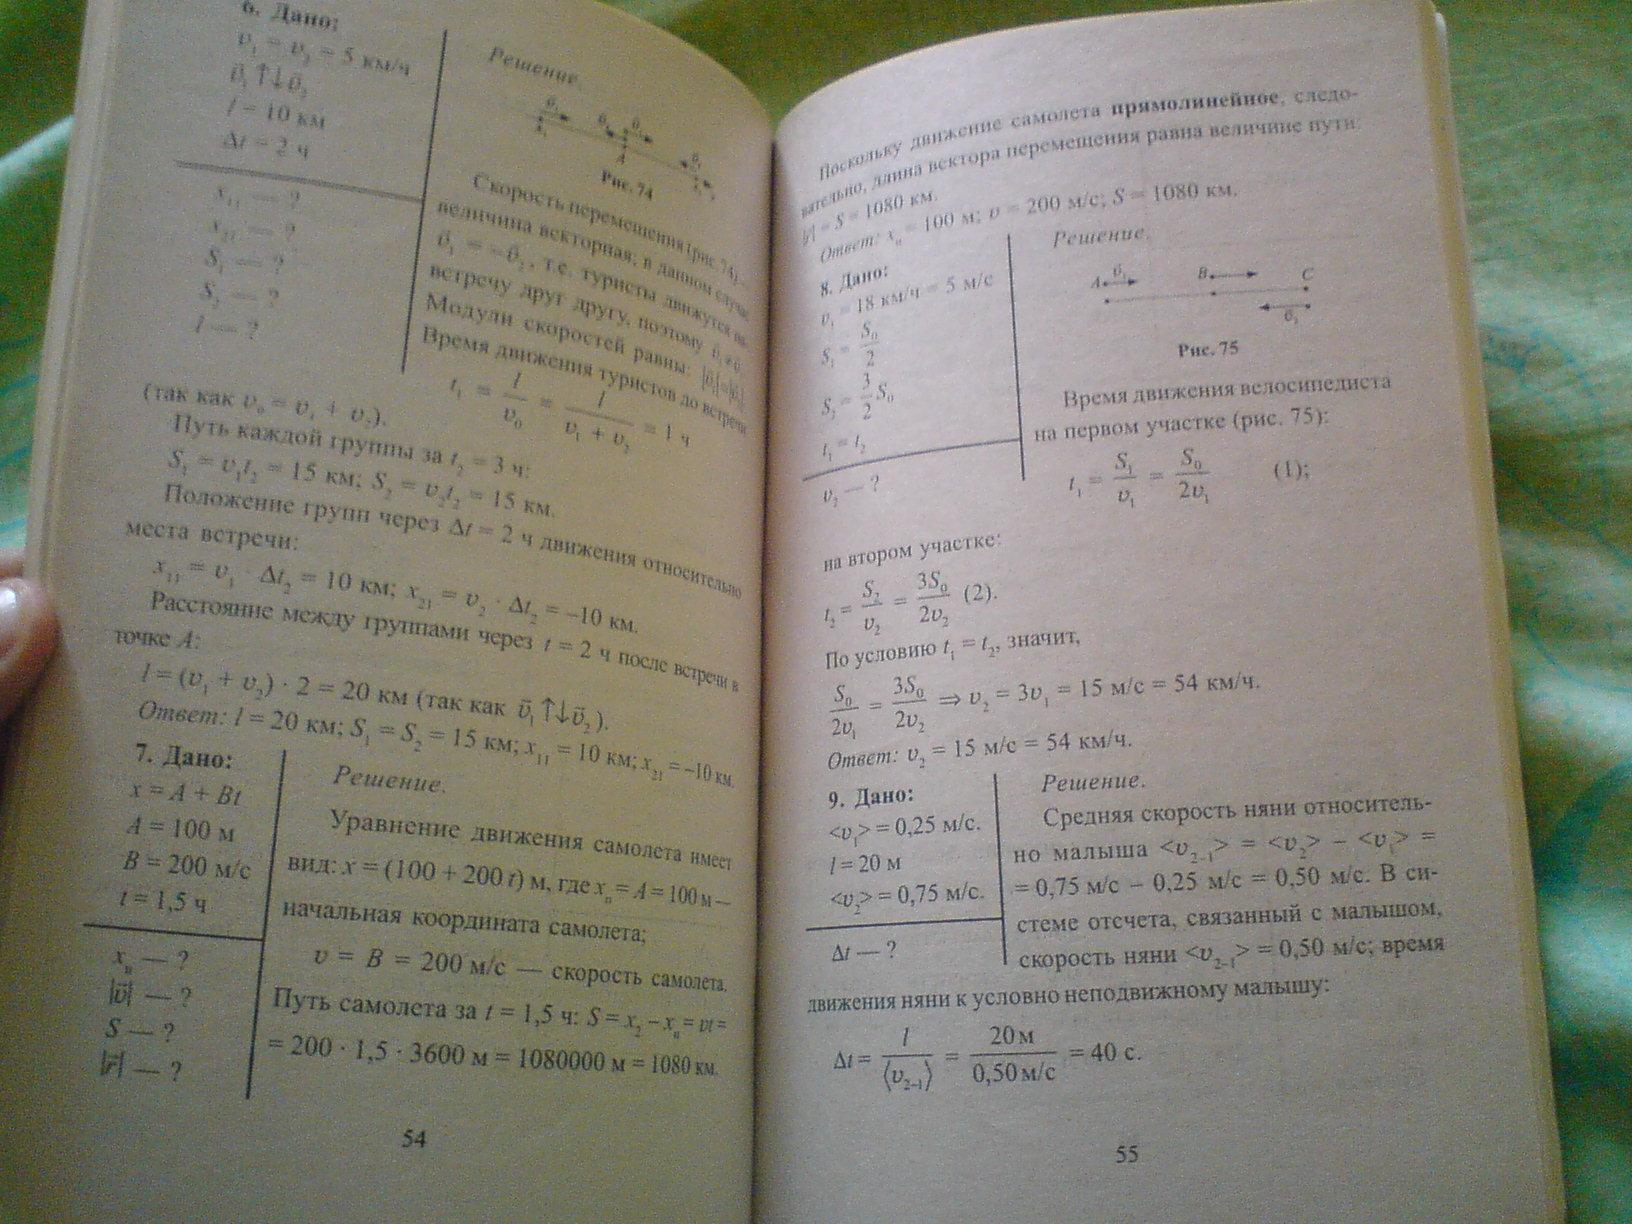 Решебник по физике 9 класс. Страница 30